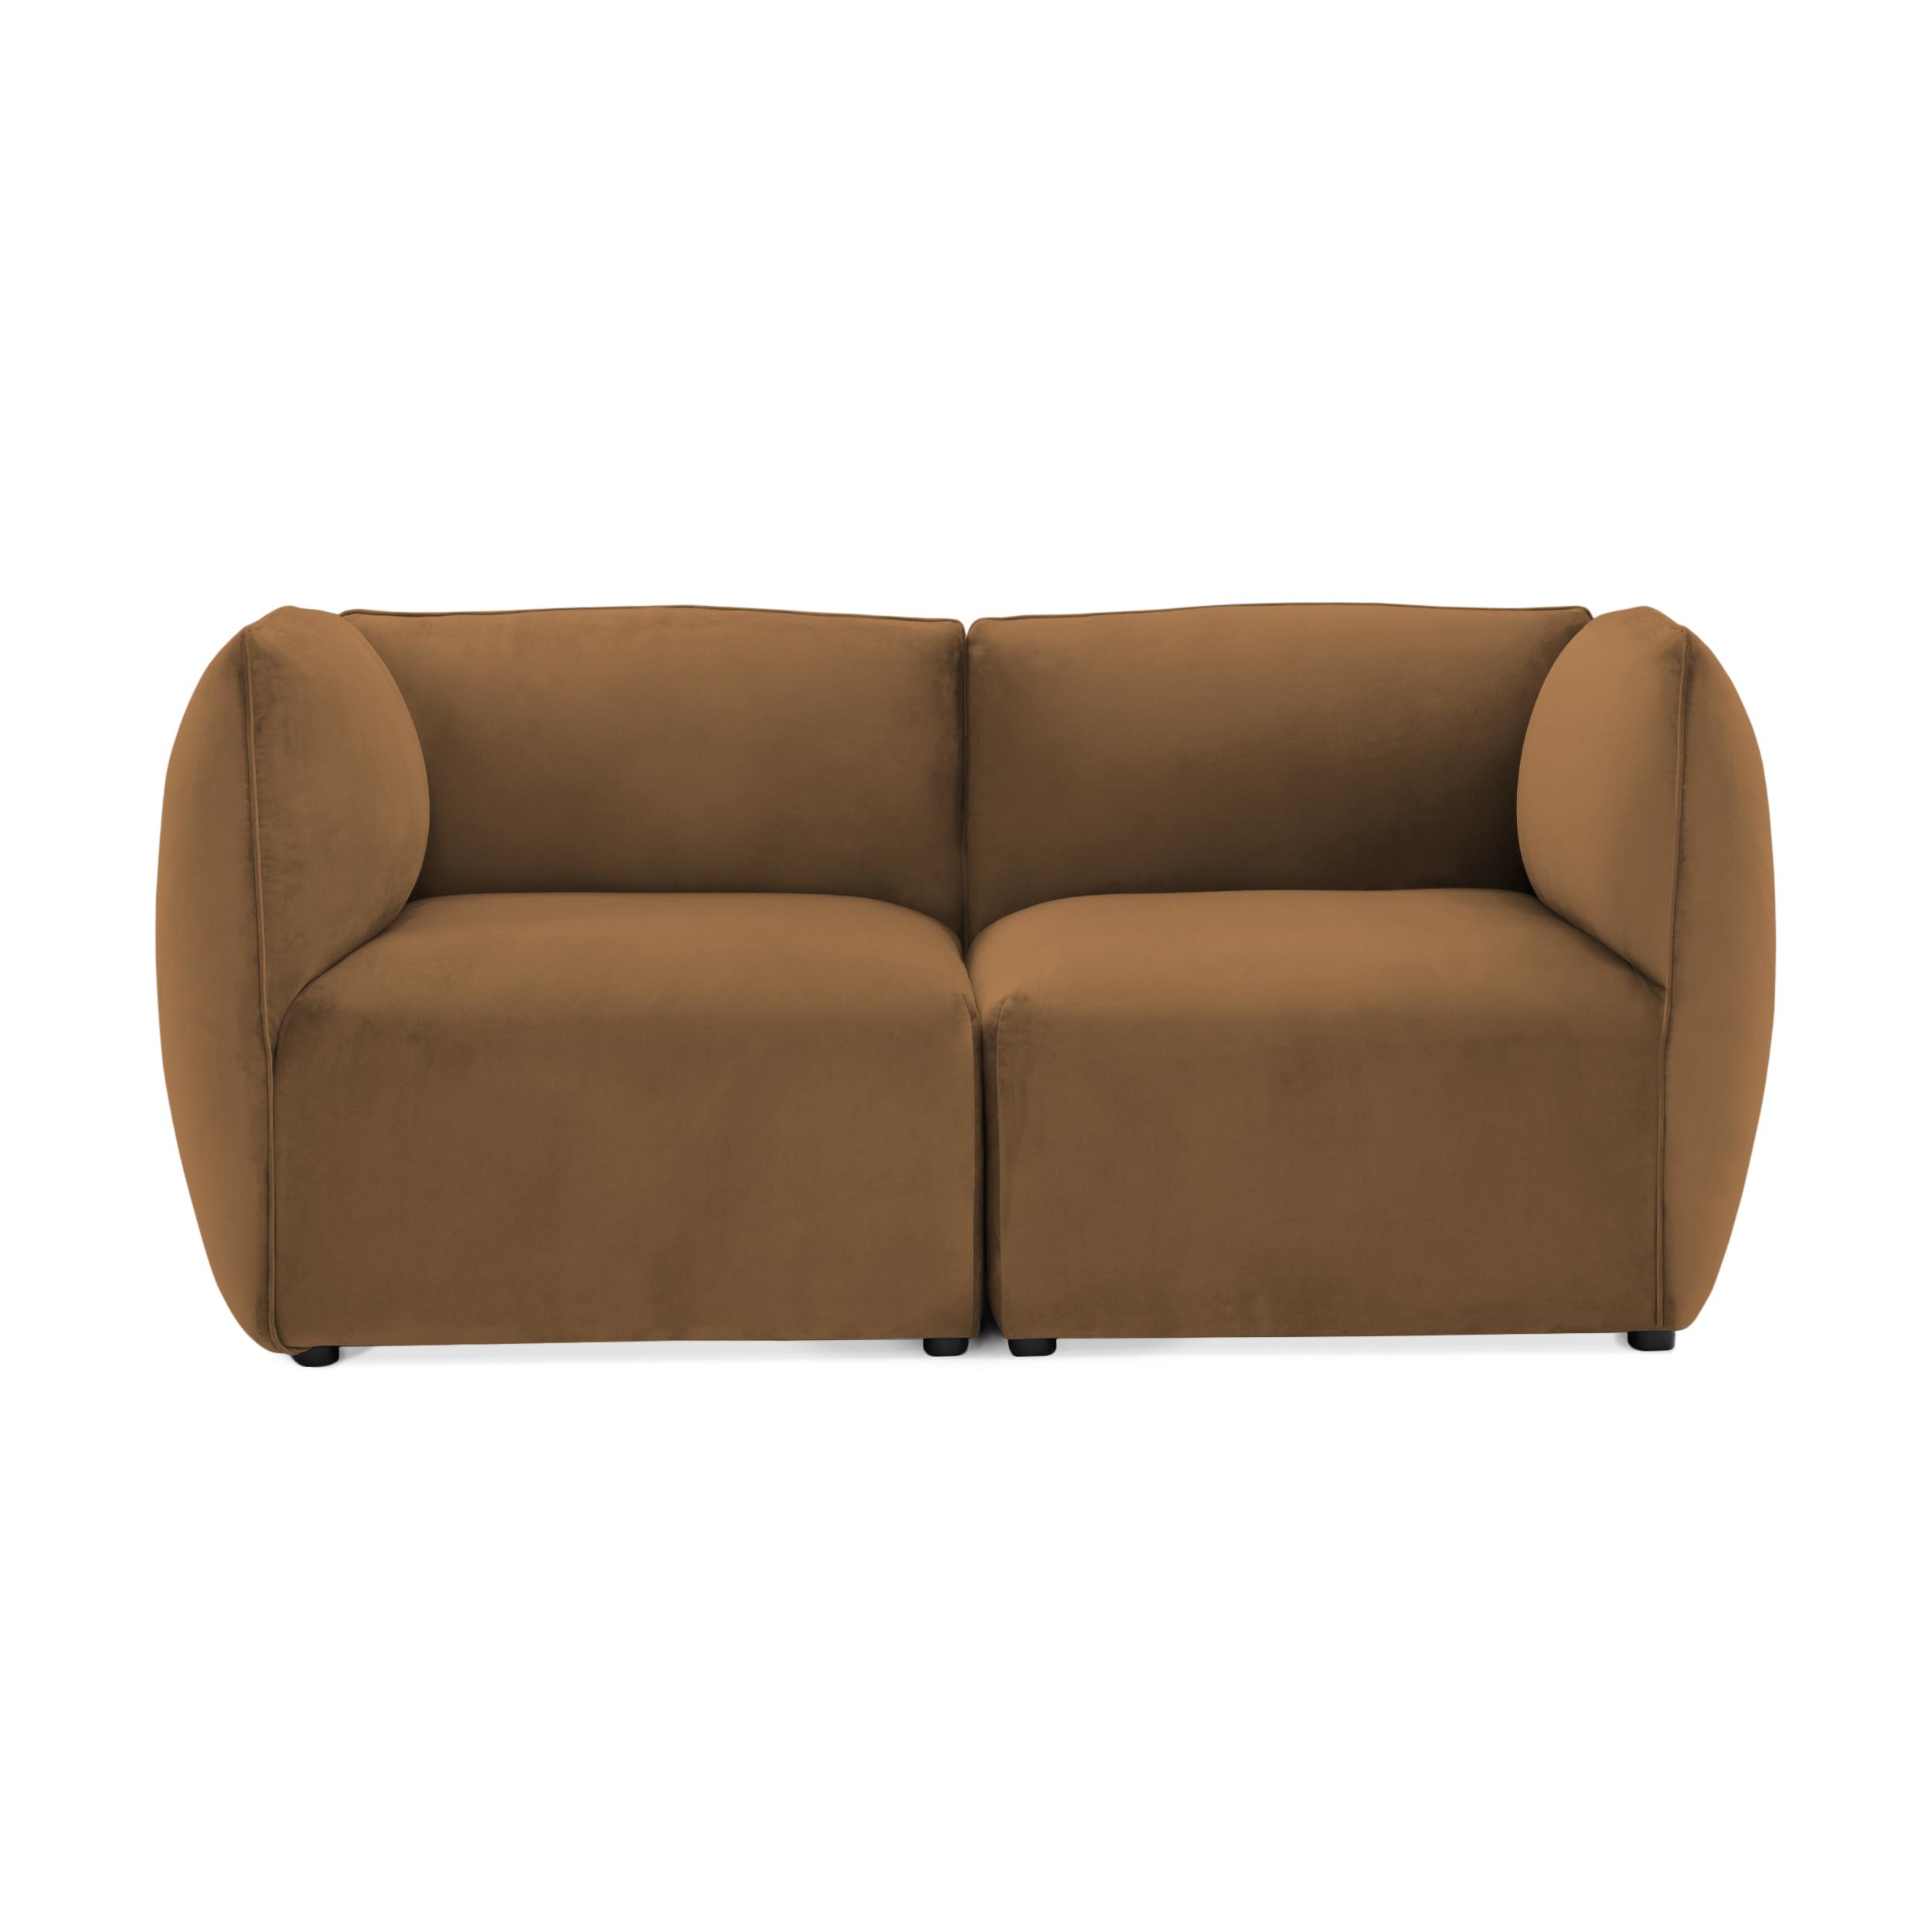 Canapea 2 locuri Cube Tobacco Brown